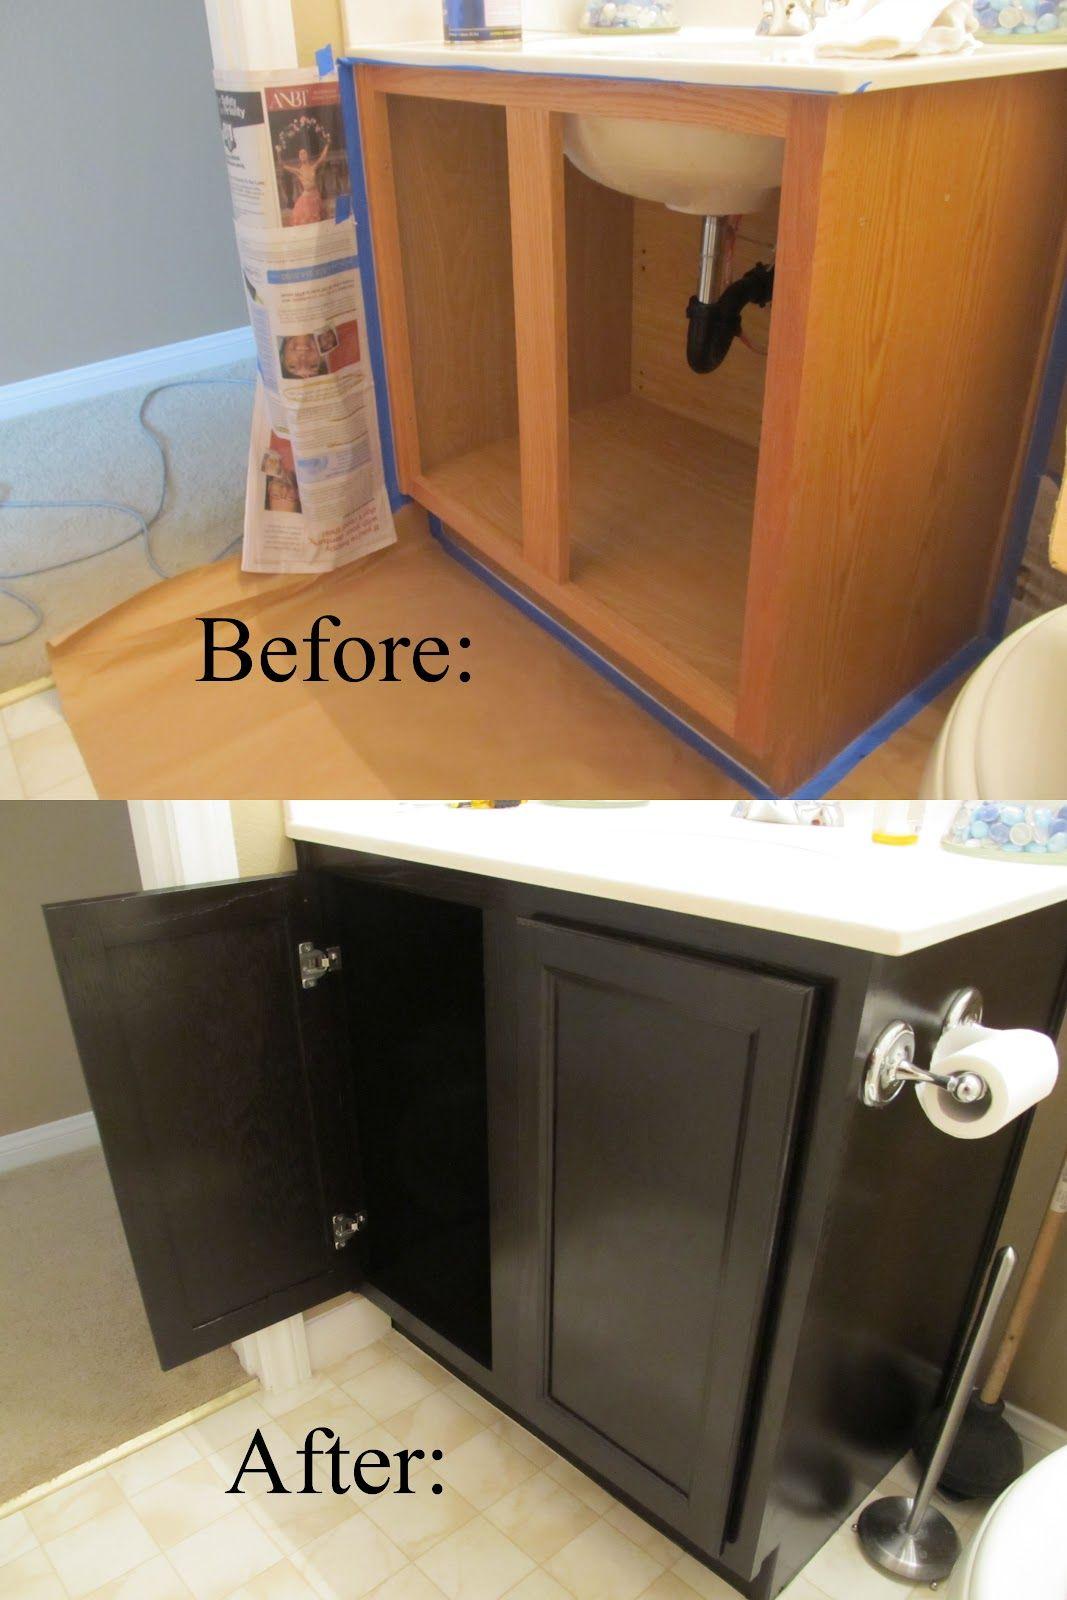 10 DIY Solutions to Renew Your Kitchen 2 | Zuhause, Diy ideen und ...